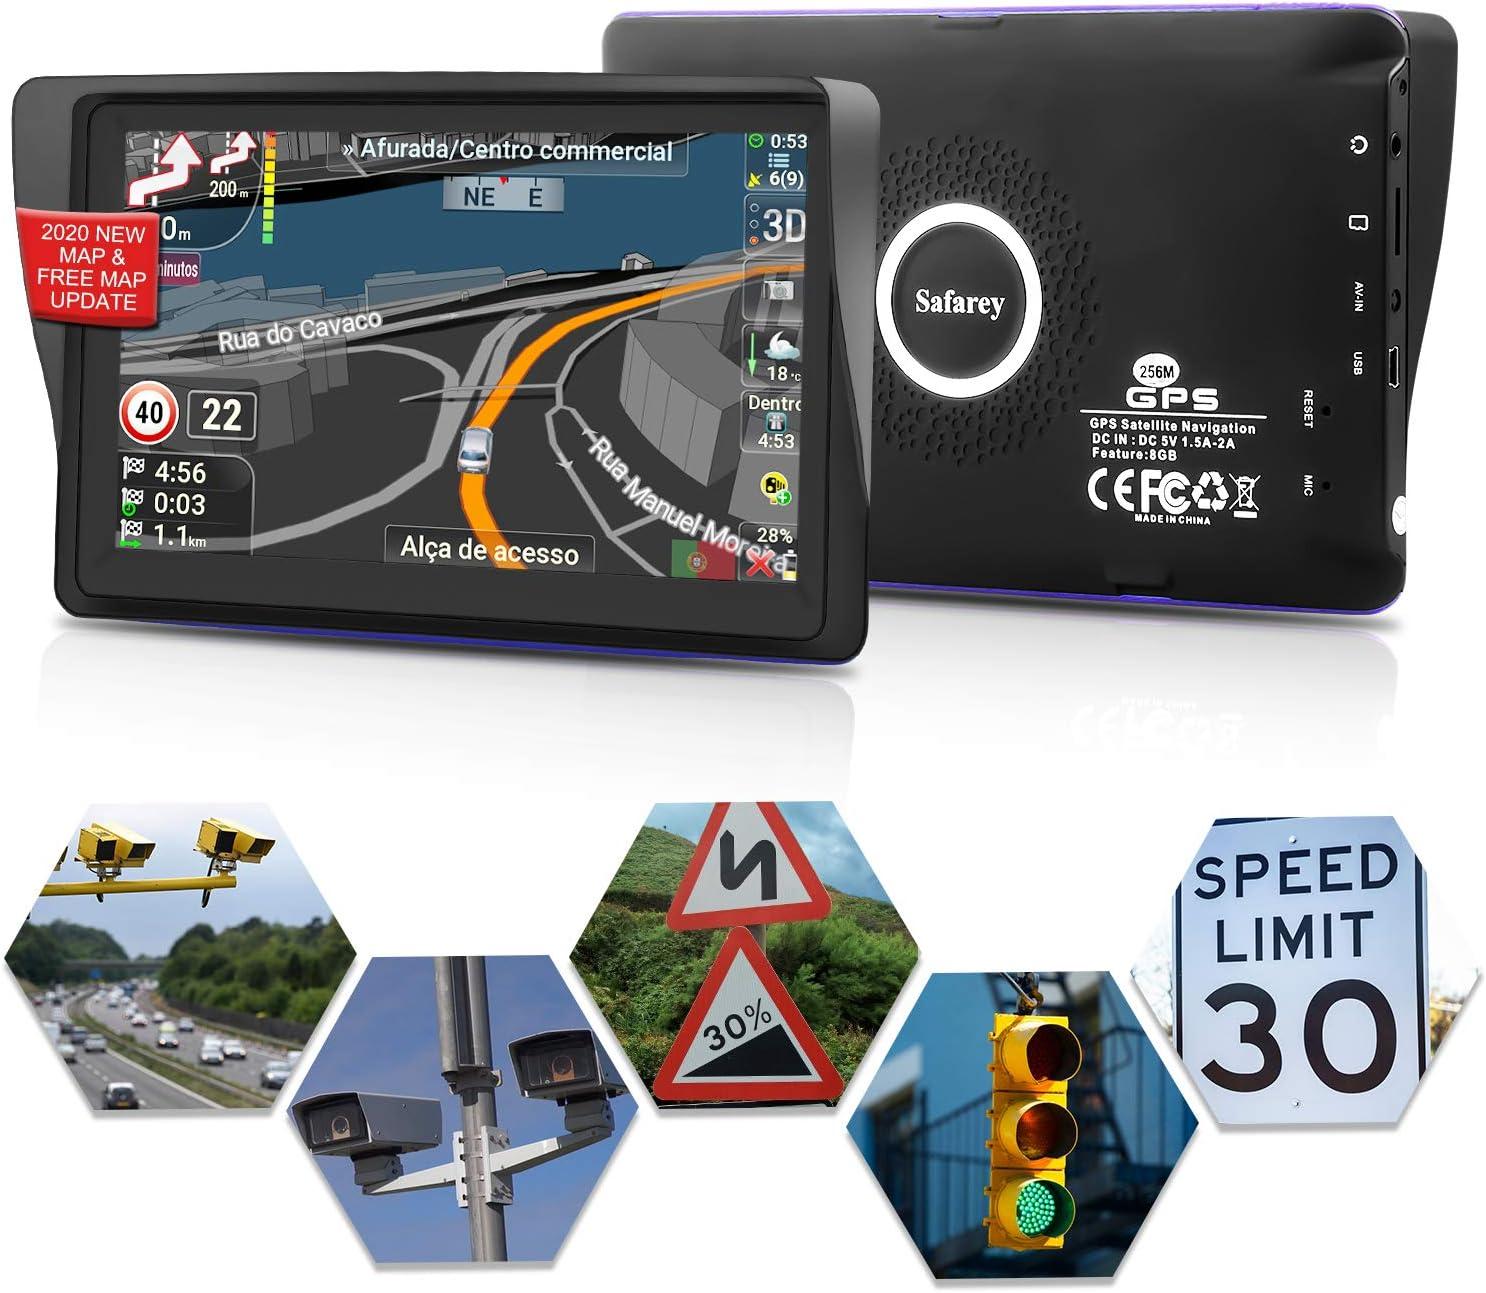 GPS coches, 7 Pulgadas Navegadores GPS para Coche, Navegador gps para coche, pantalla táctil capacitiva de alto brillo, Actualización del mapa de por vida,Dirección de giro recordando voz real hablada: Amazon.es: Electrónica